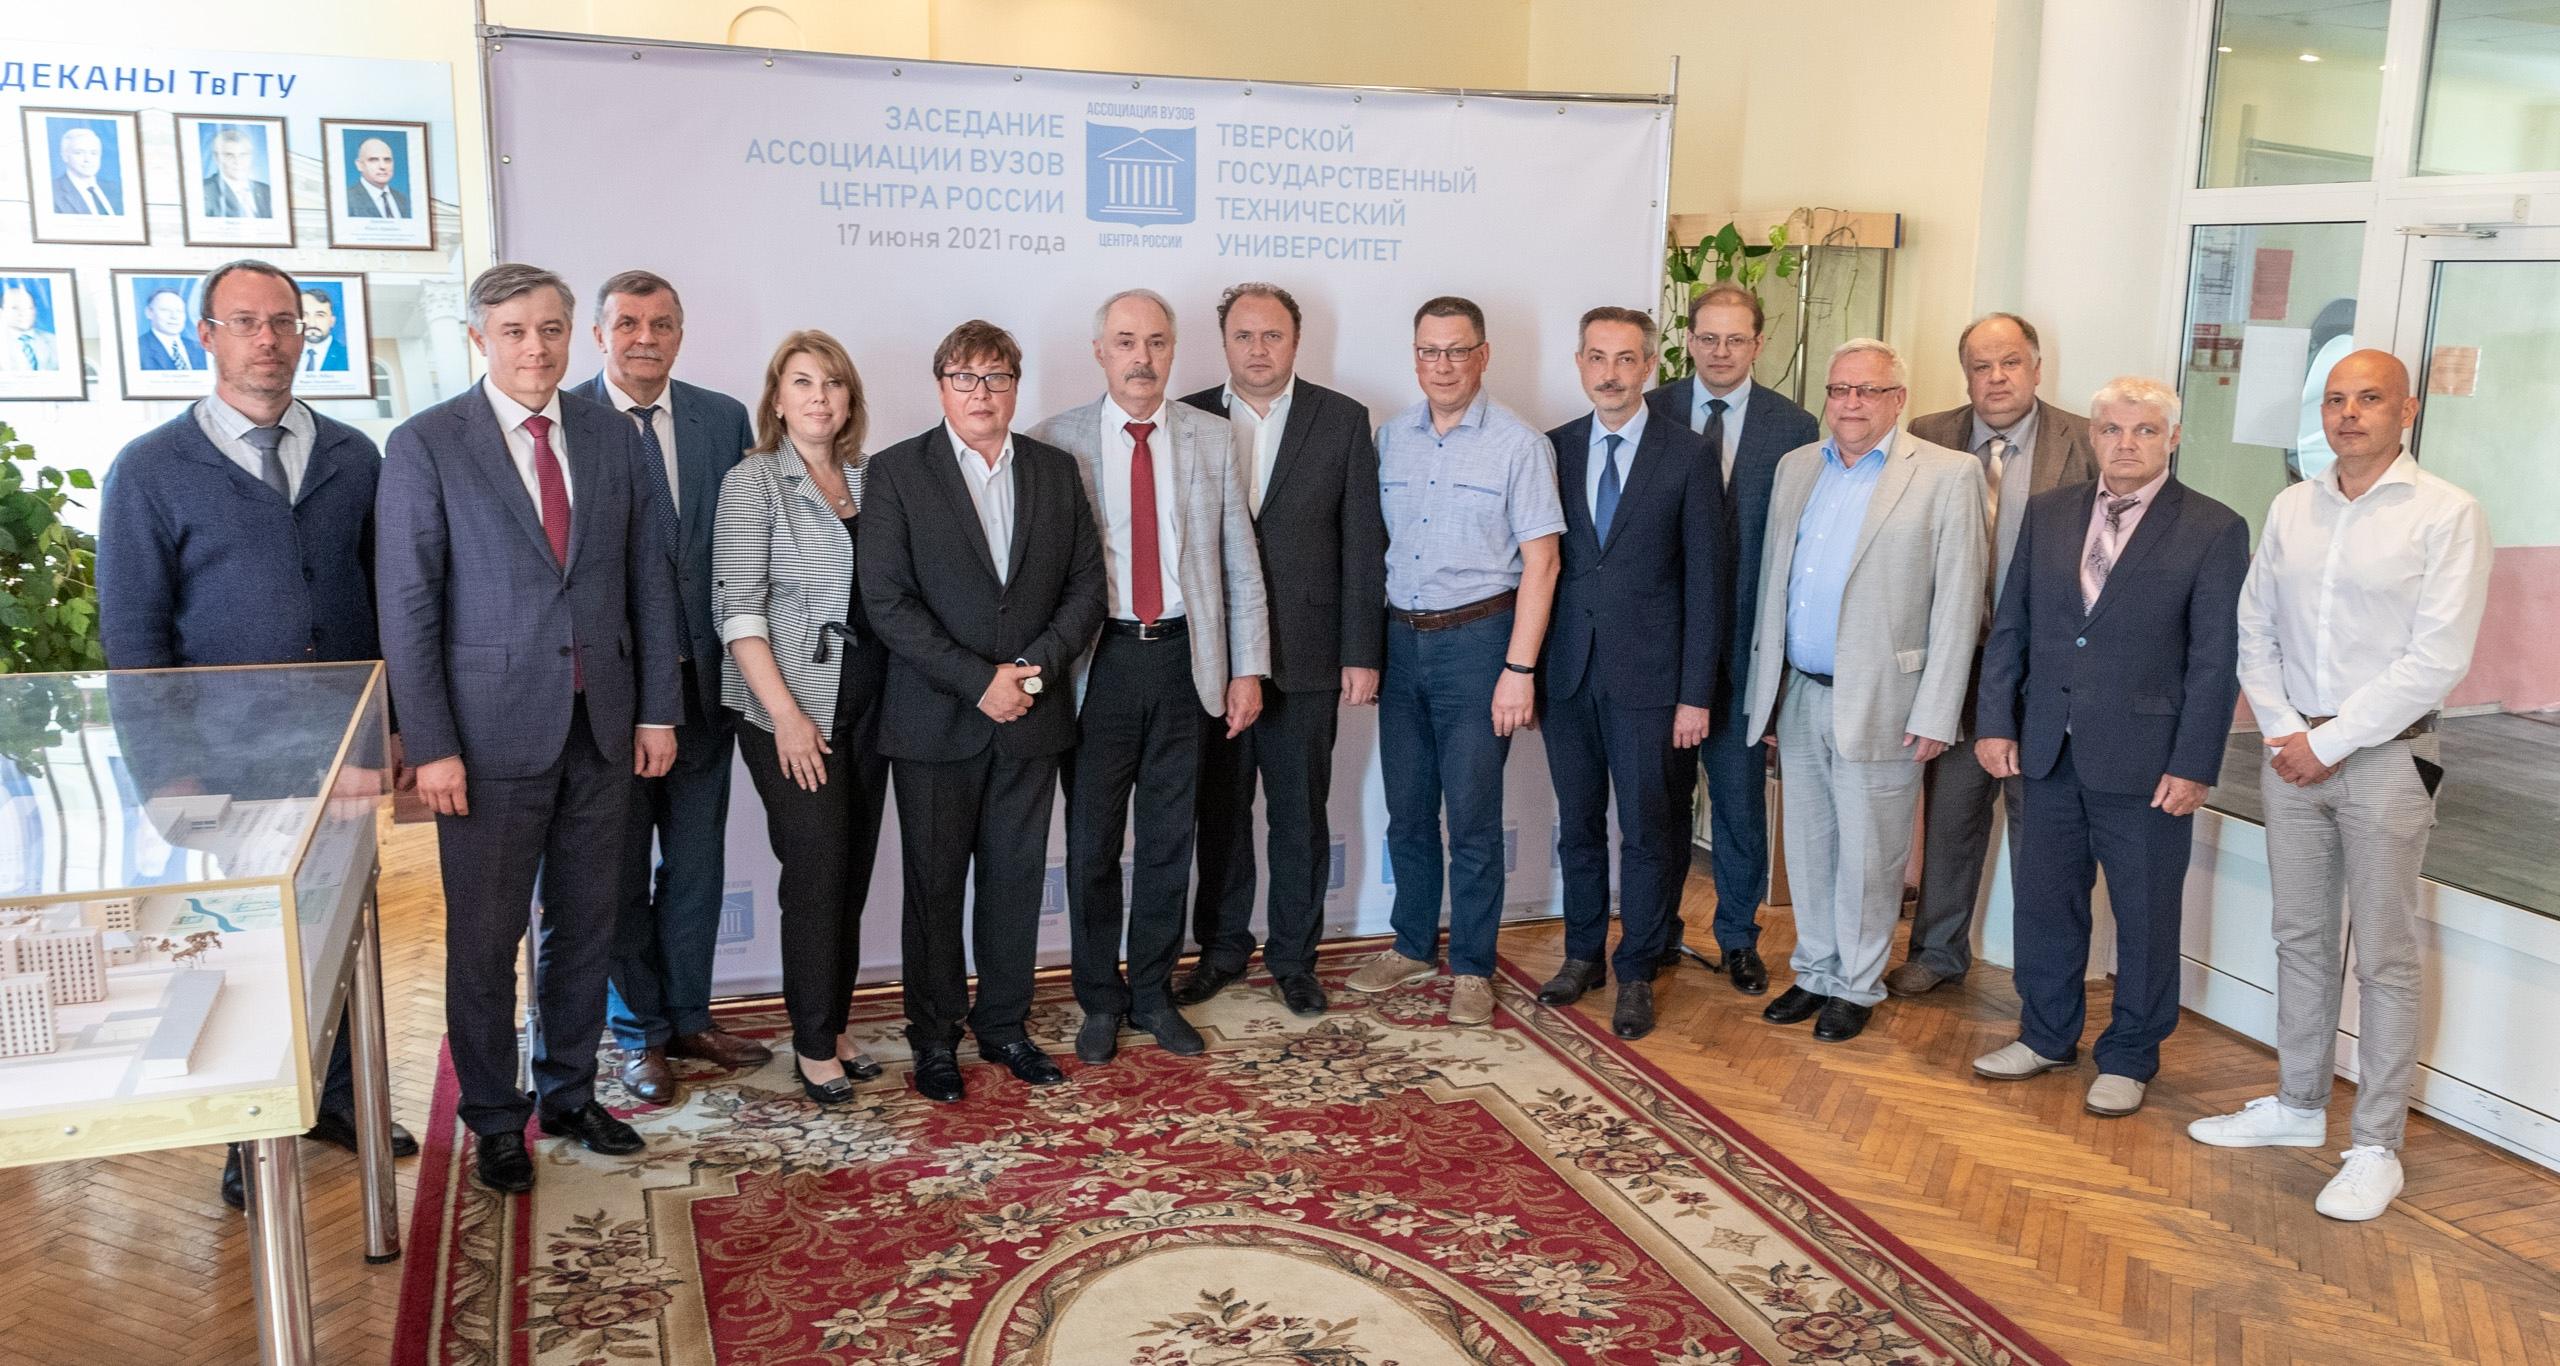 В ТвГТУ прошло заседание ассоциации вузов центра России: университеты договорились о сотрудничестве